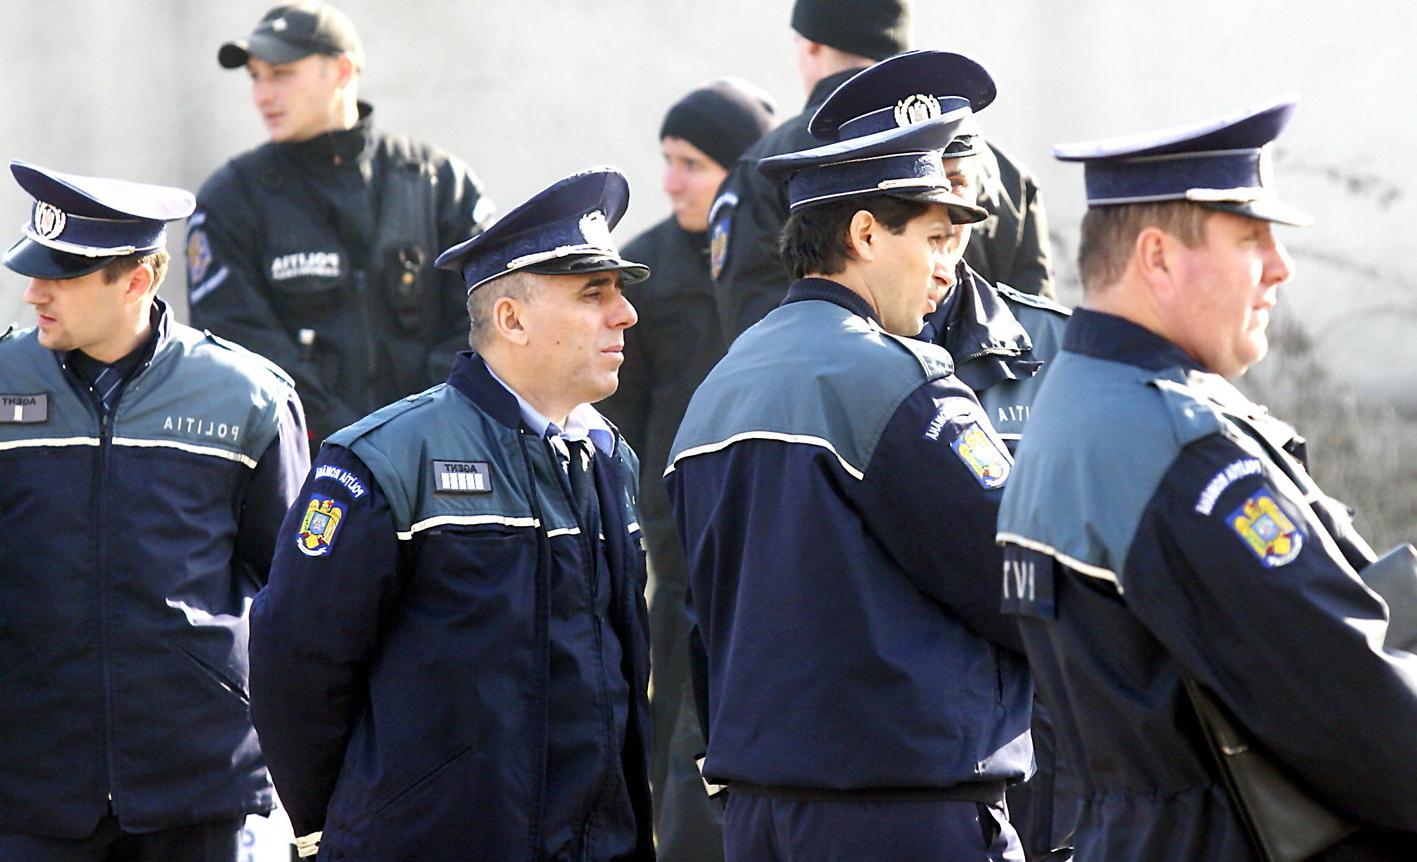 S-a încheiat protestul poliţiştilor